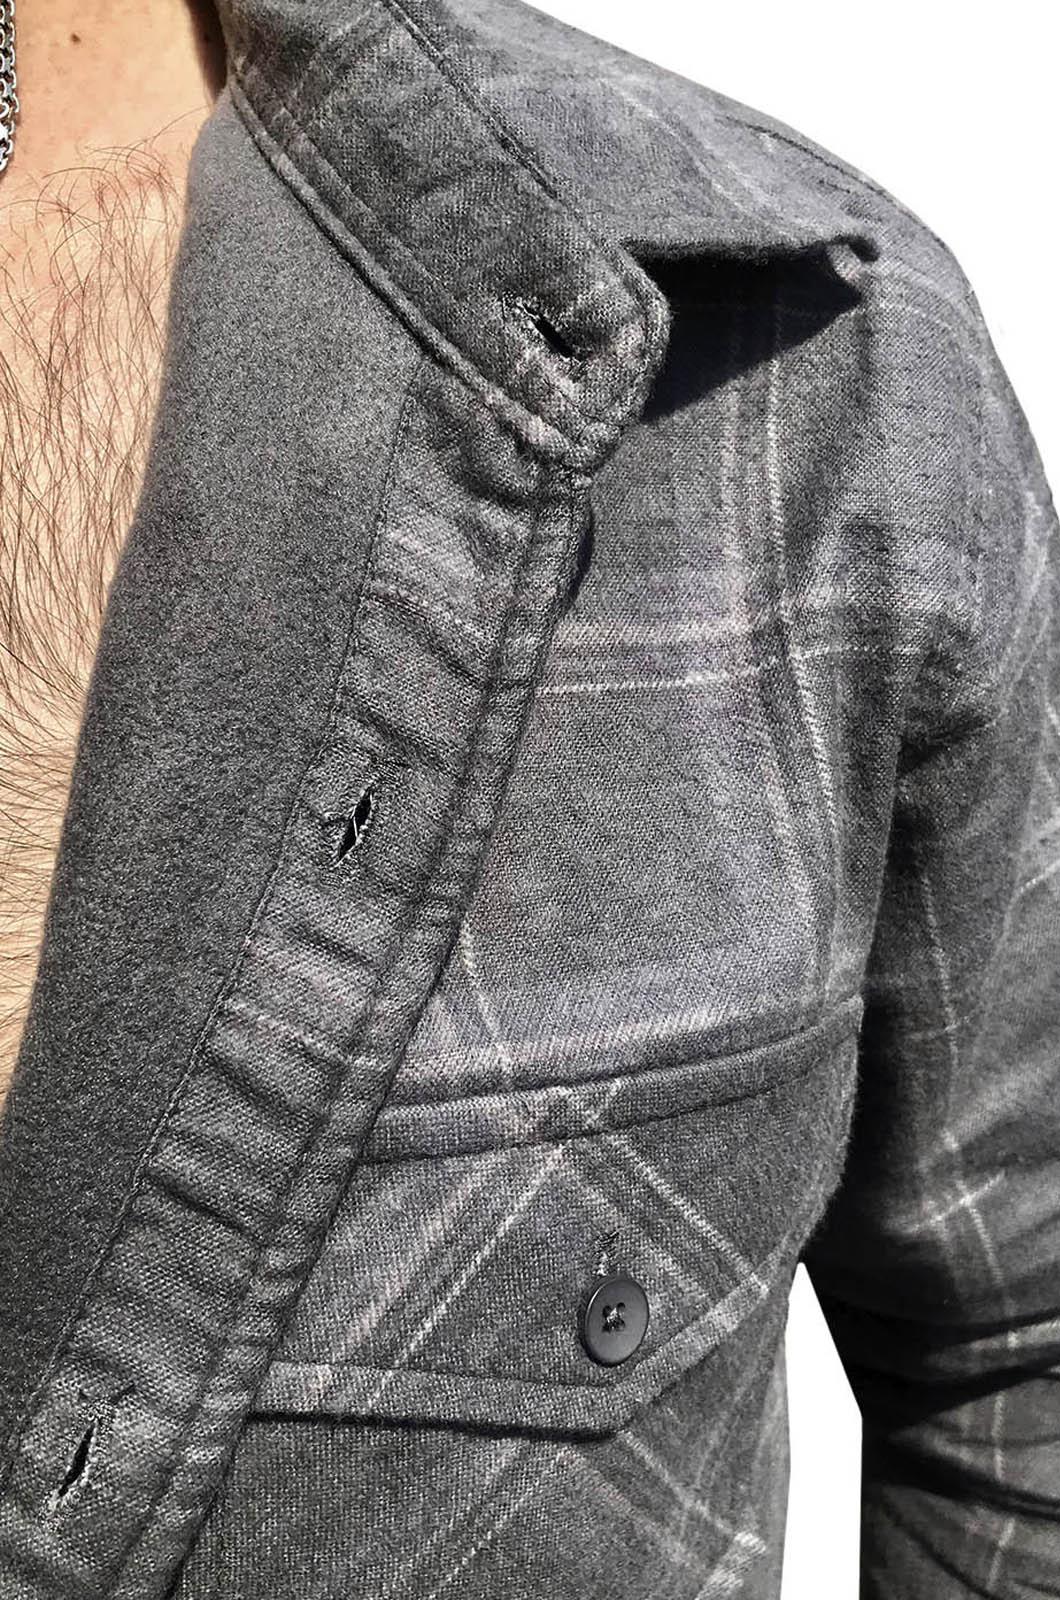 Теплая рубашка в клетку для мужчин с нашивкой Балтийский флот купить в розницу